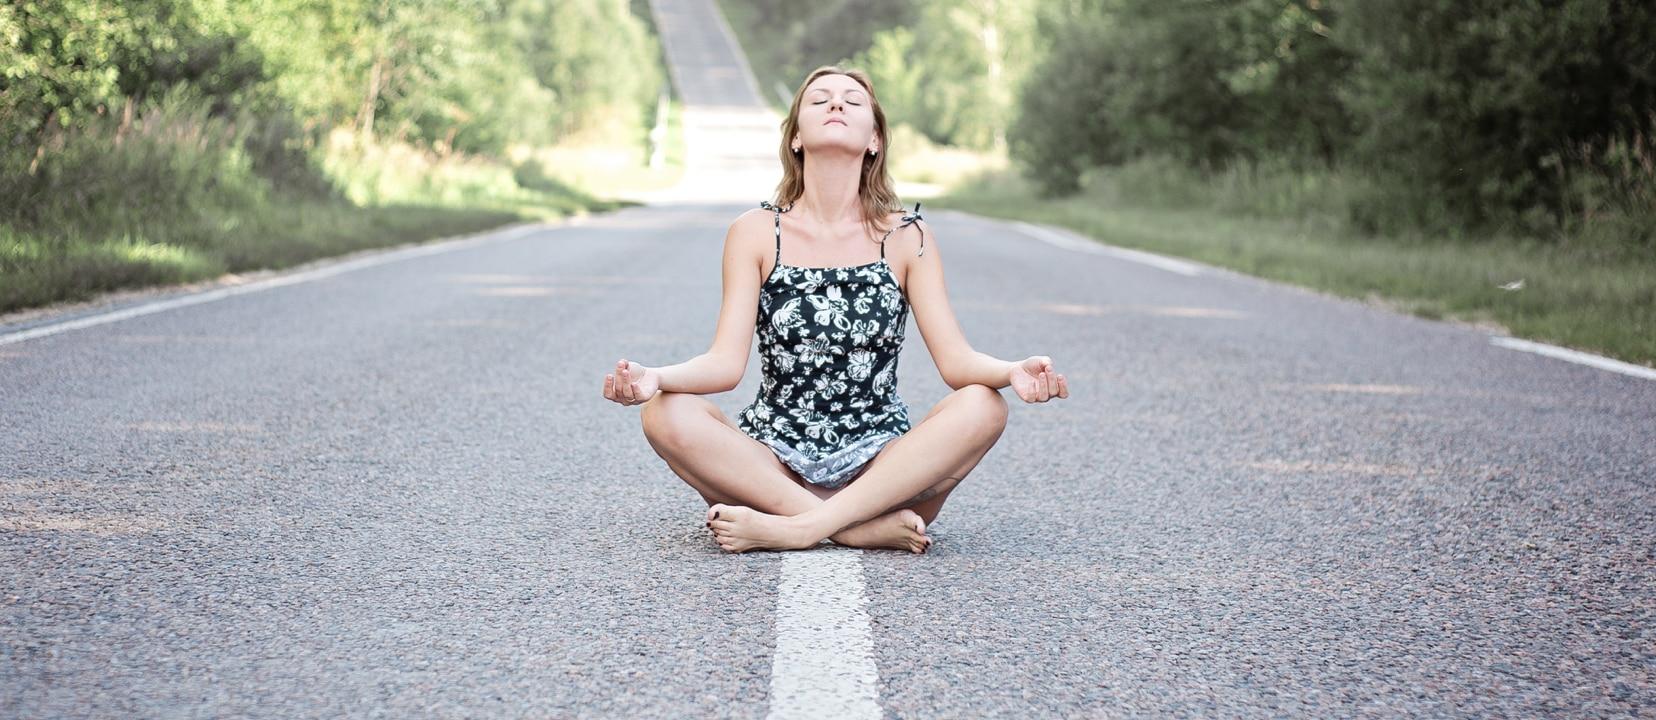 Does Meditation Affect Cellular Aging